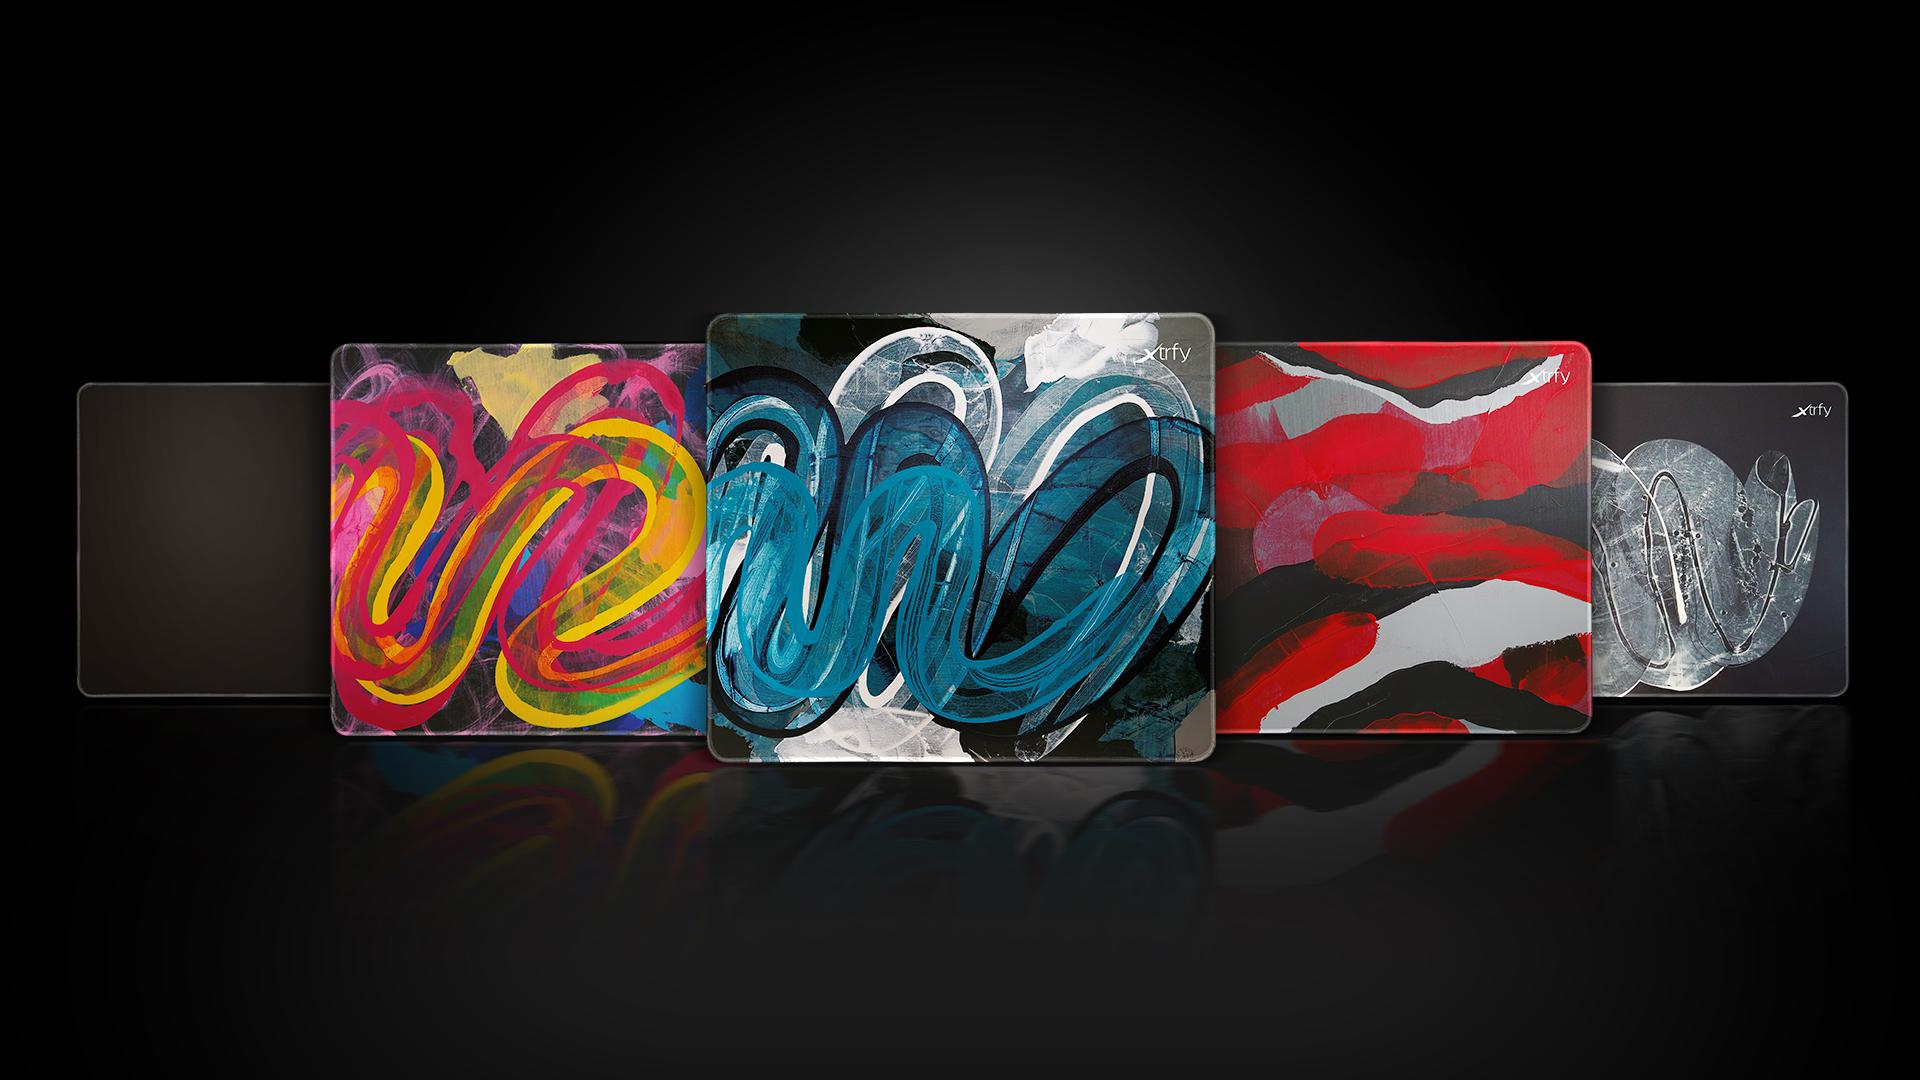 Xtrfy、スウェーデンの芸術家によるペイントをあしらったゲーミングマウスパッド「Xtrfy GP4」を8月28日(金)に国内発売